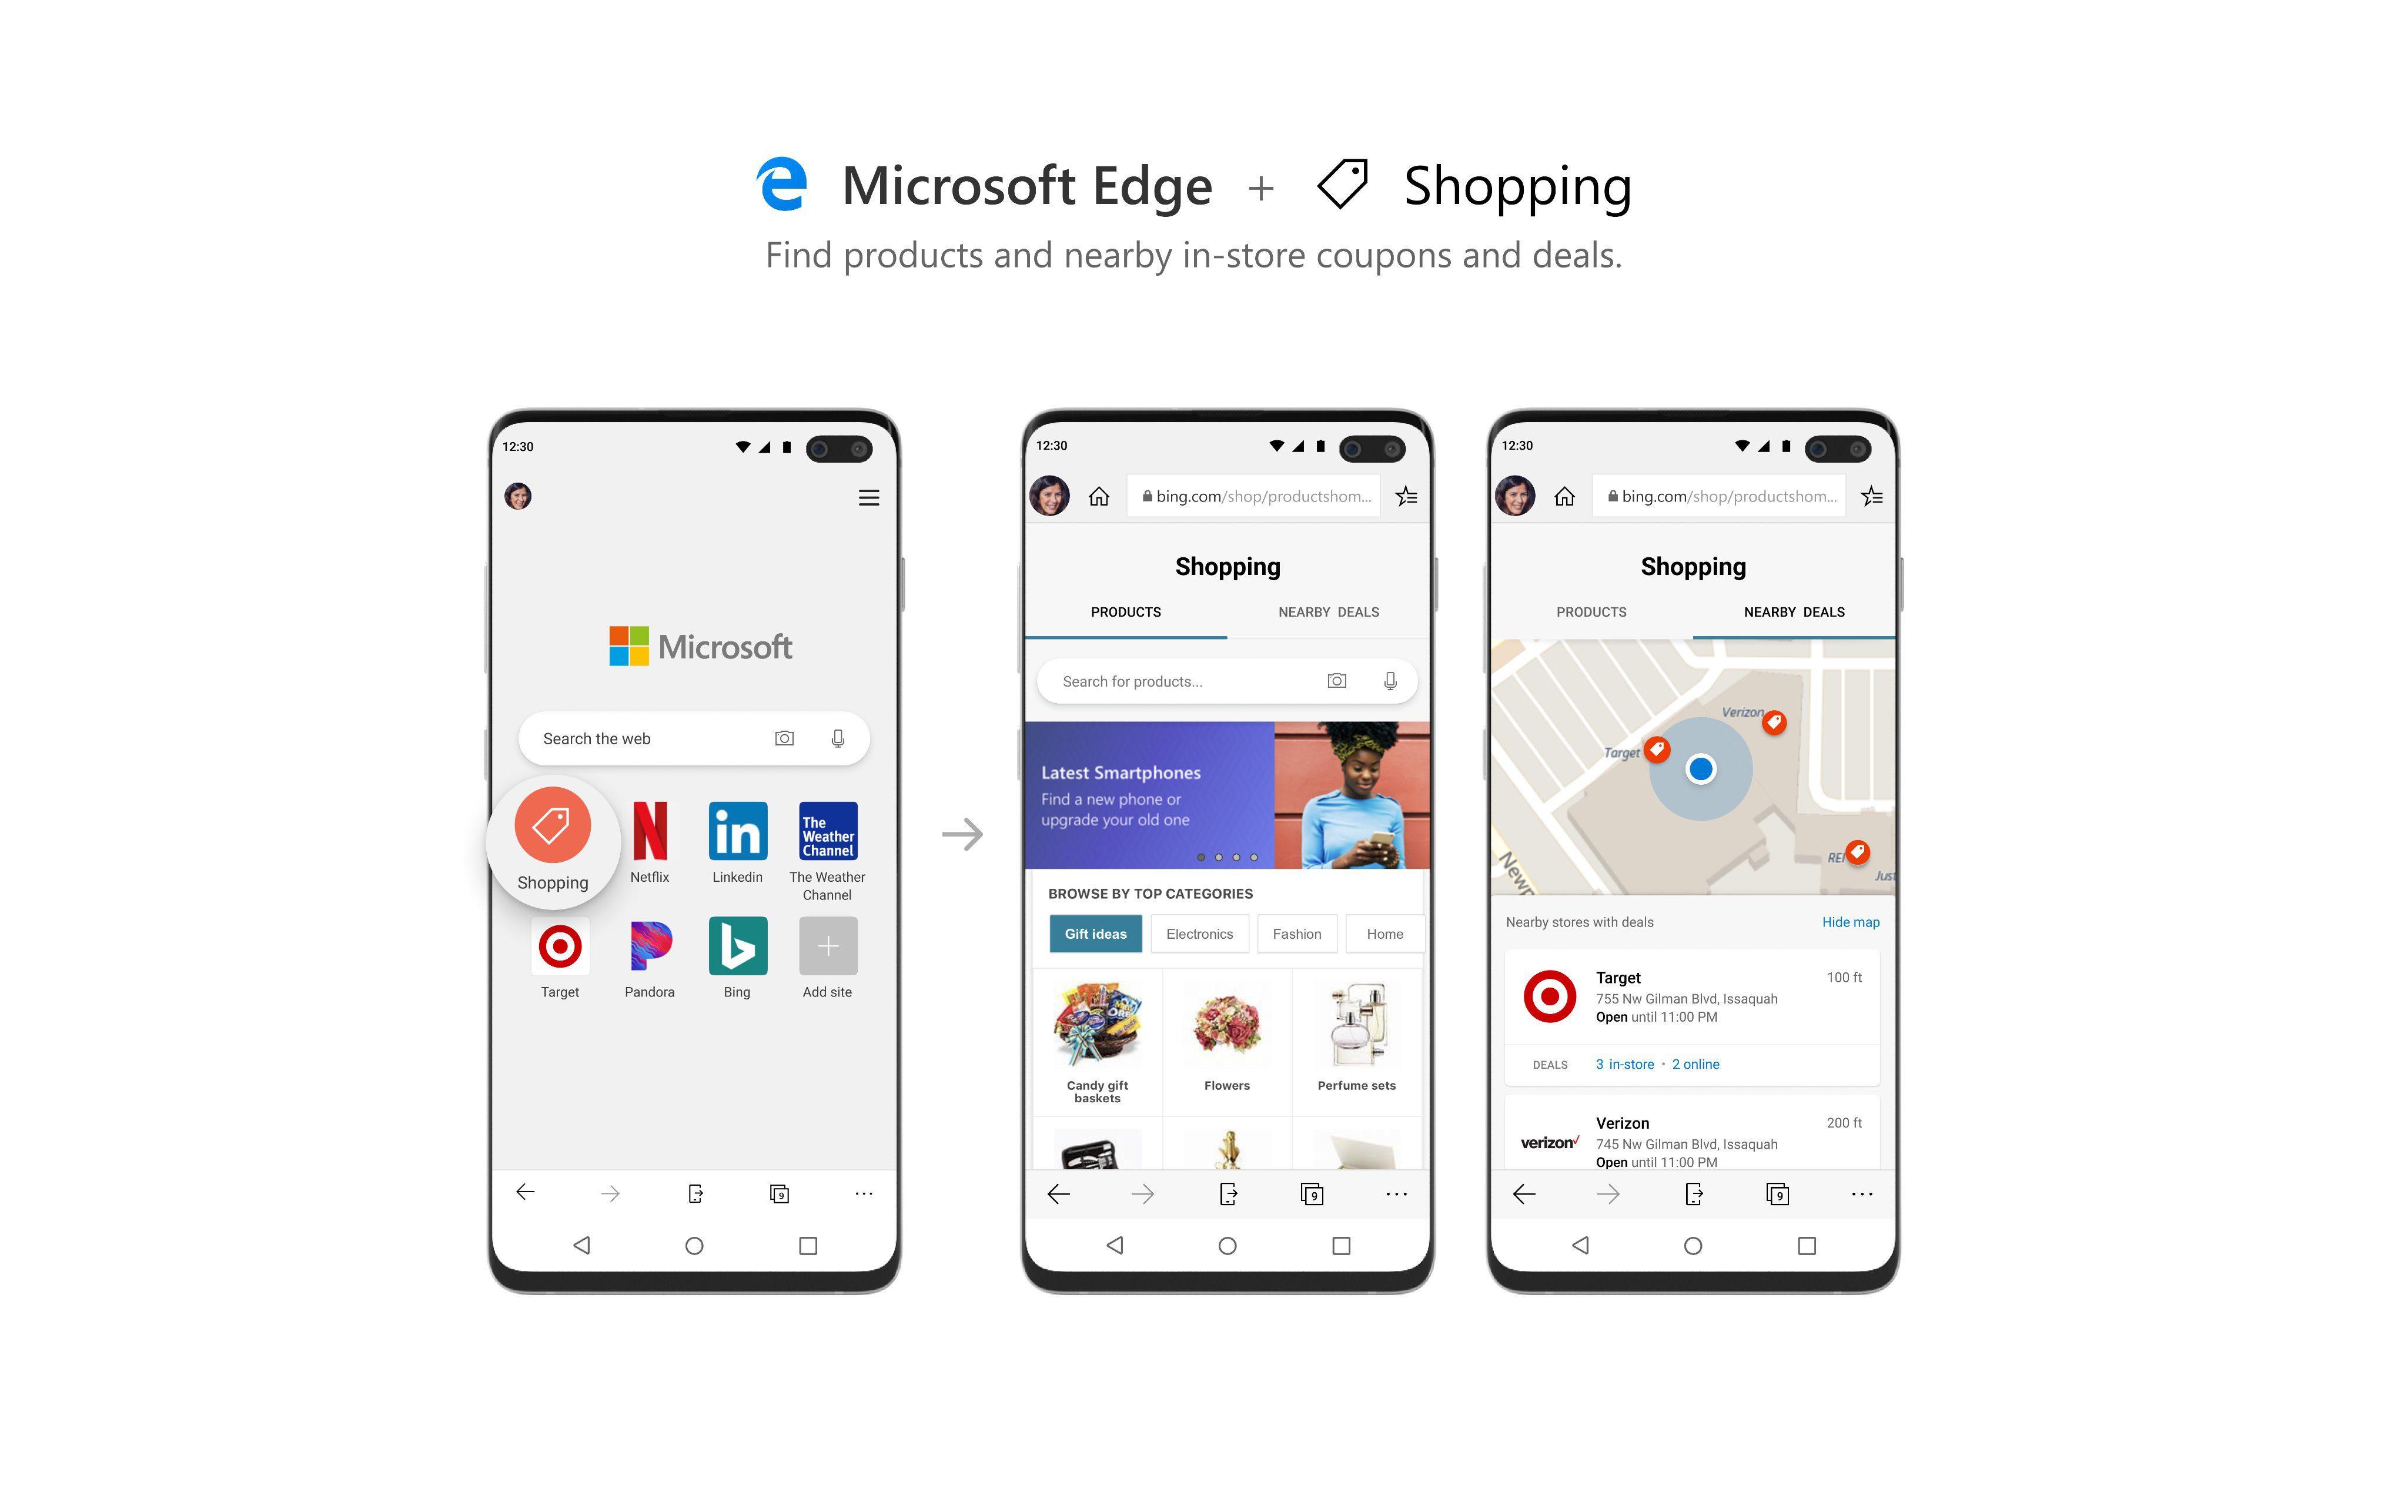 Edge Shopping